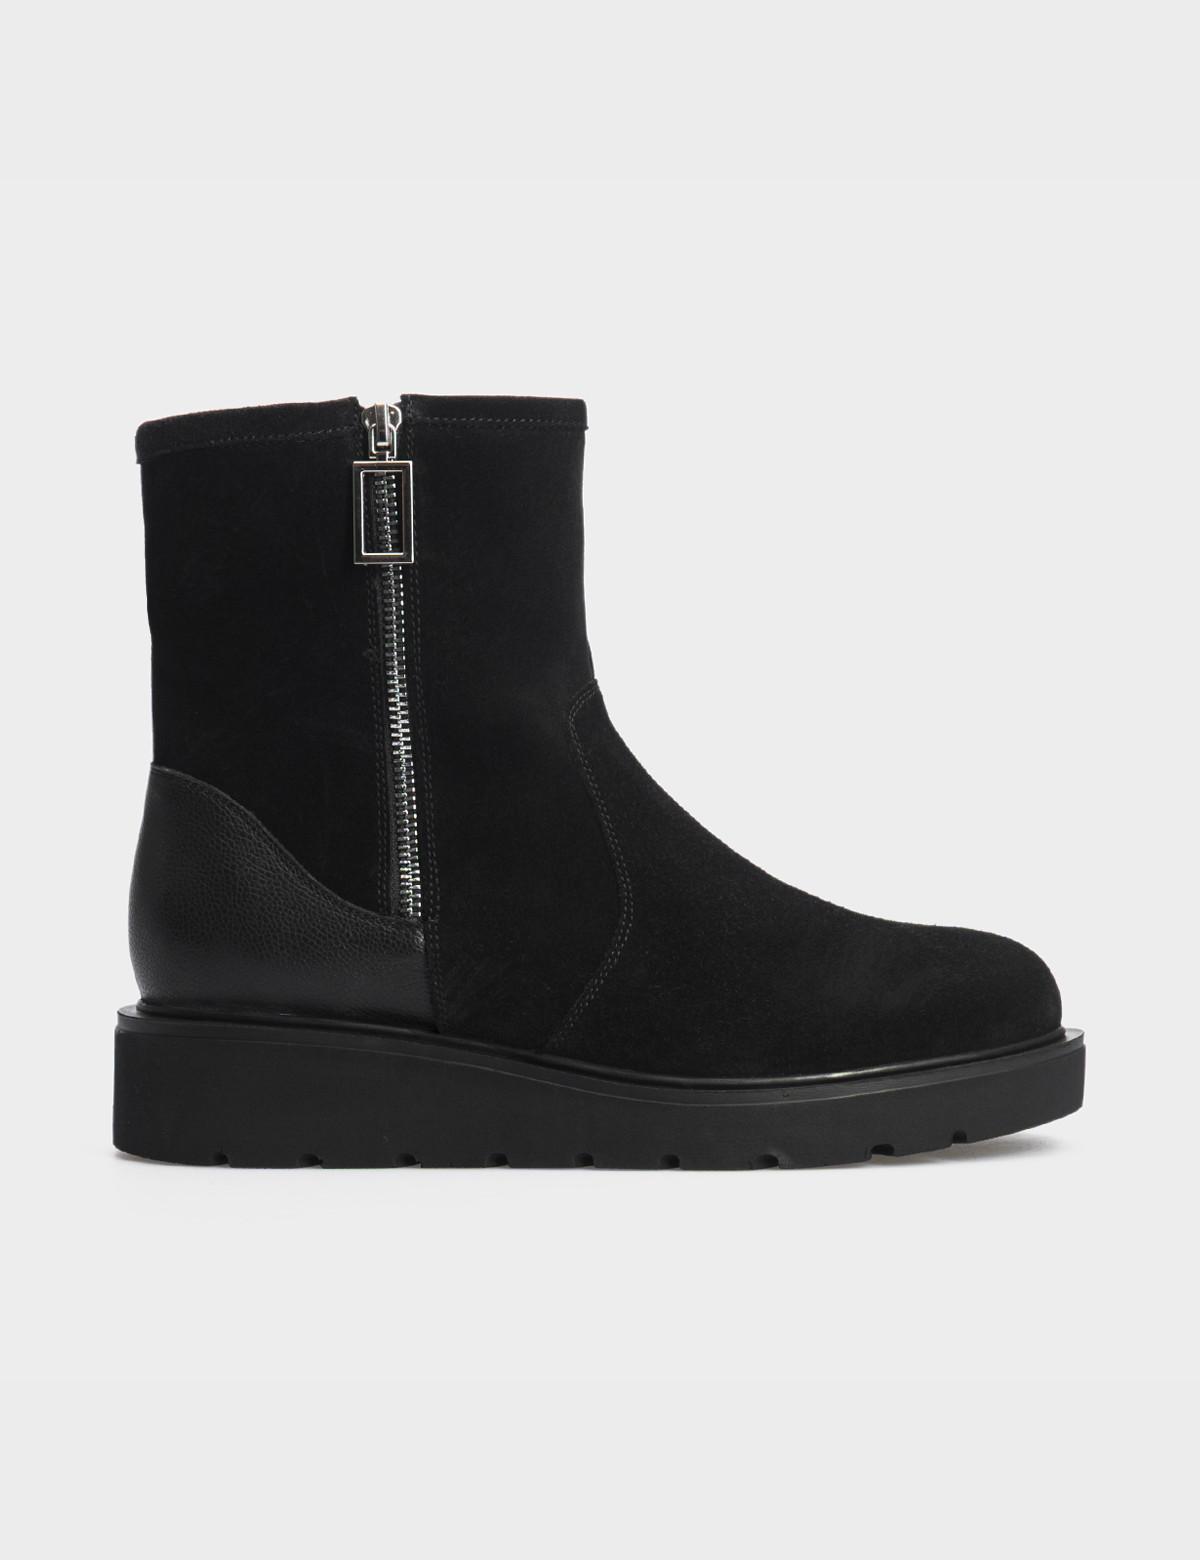 Ботинки черные натуральная замша/кожа. Шерсть